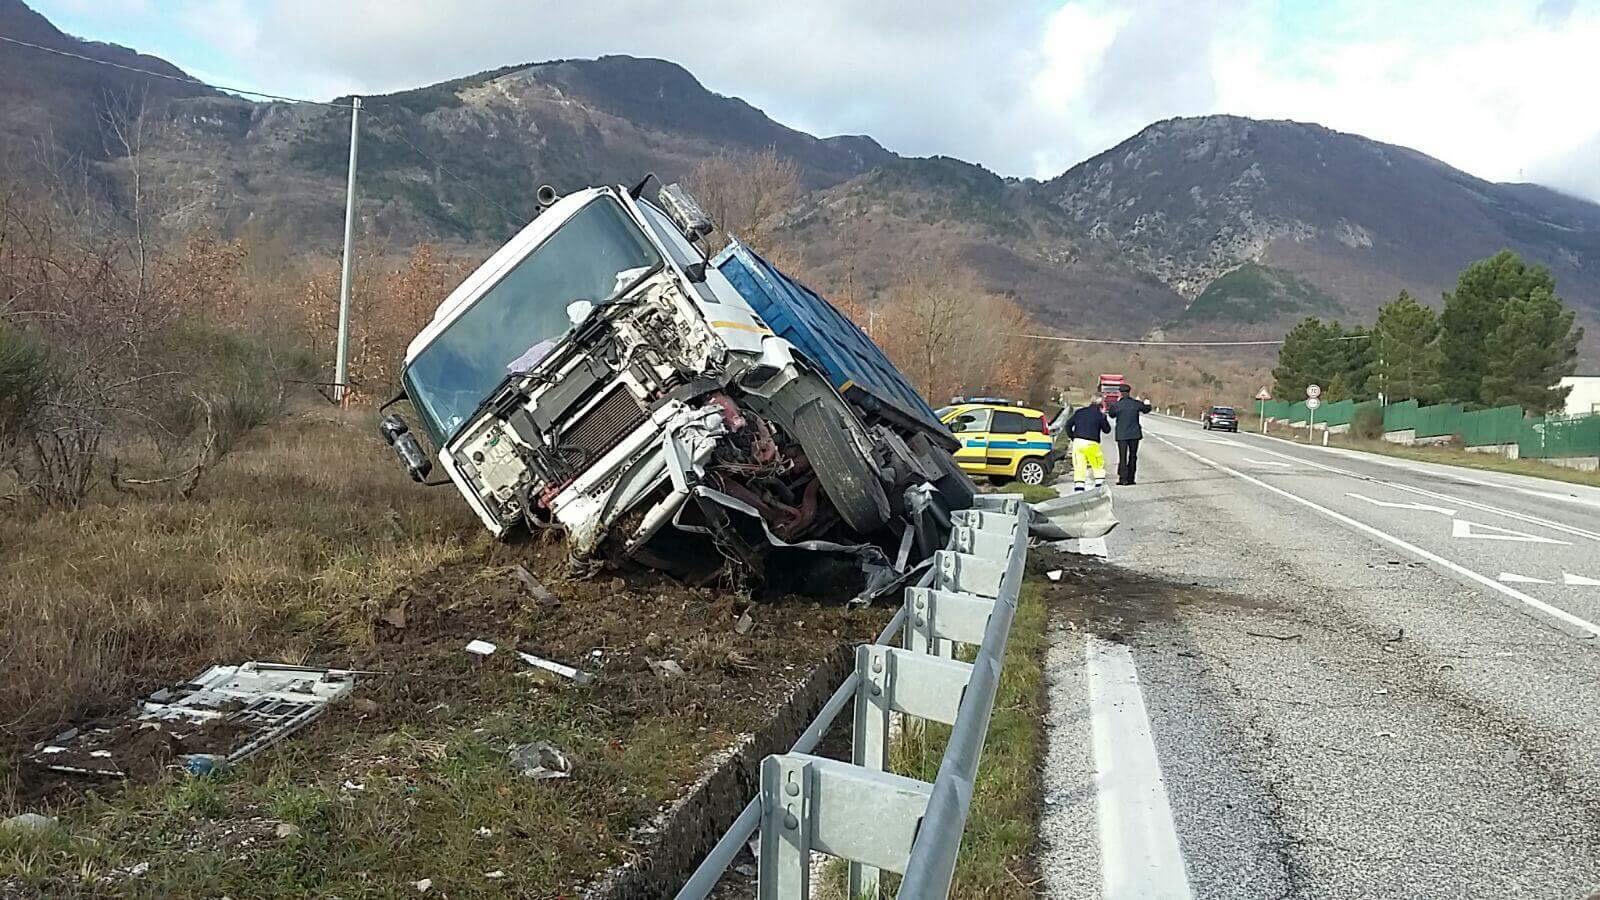 Camion fuori strada, illeso il conducente